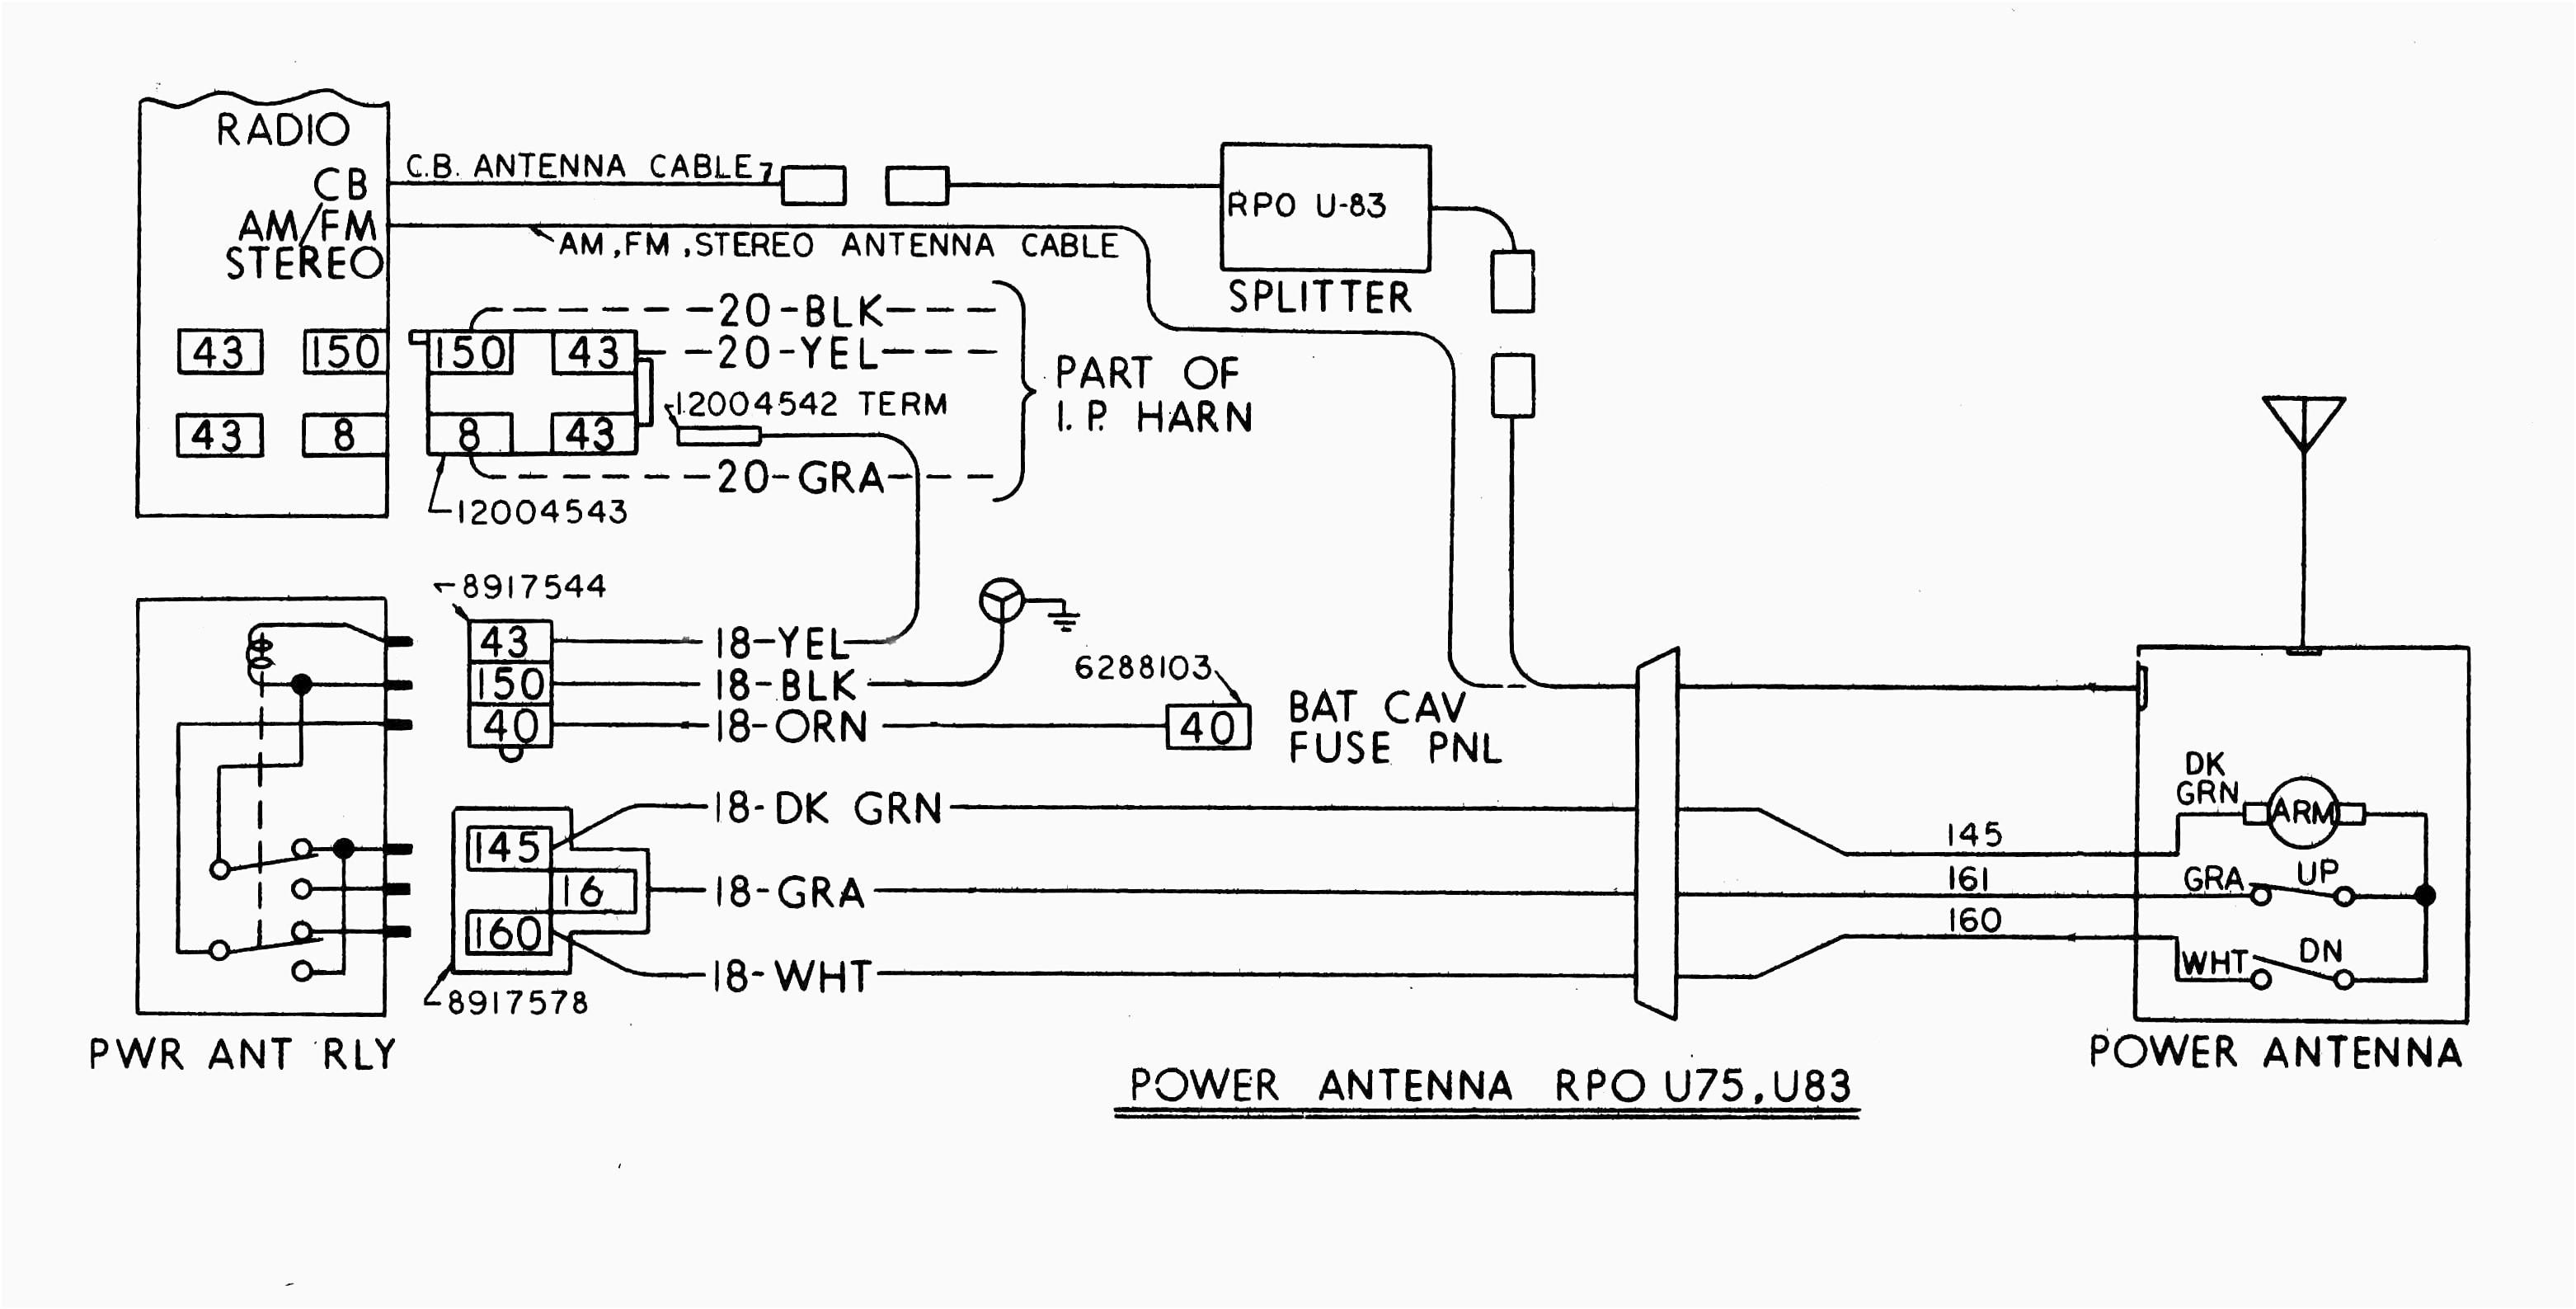 power antenna wiring diagram f100 image